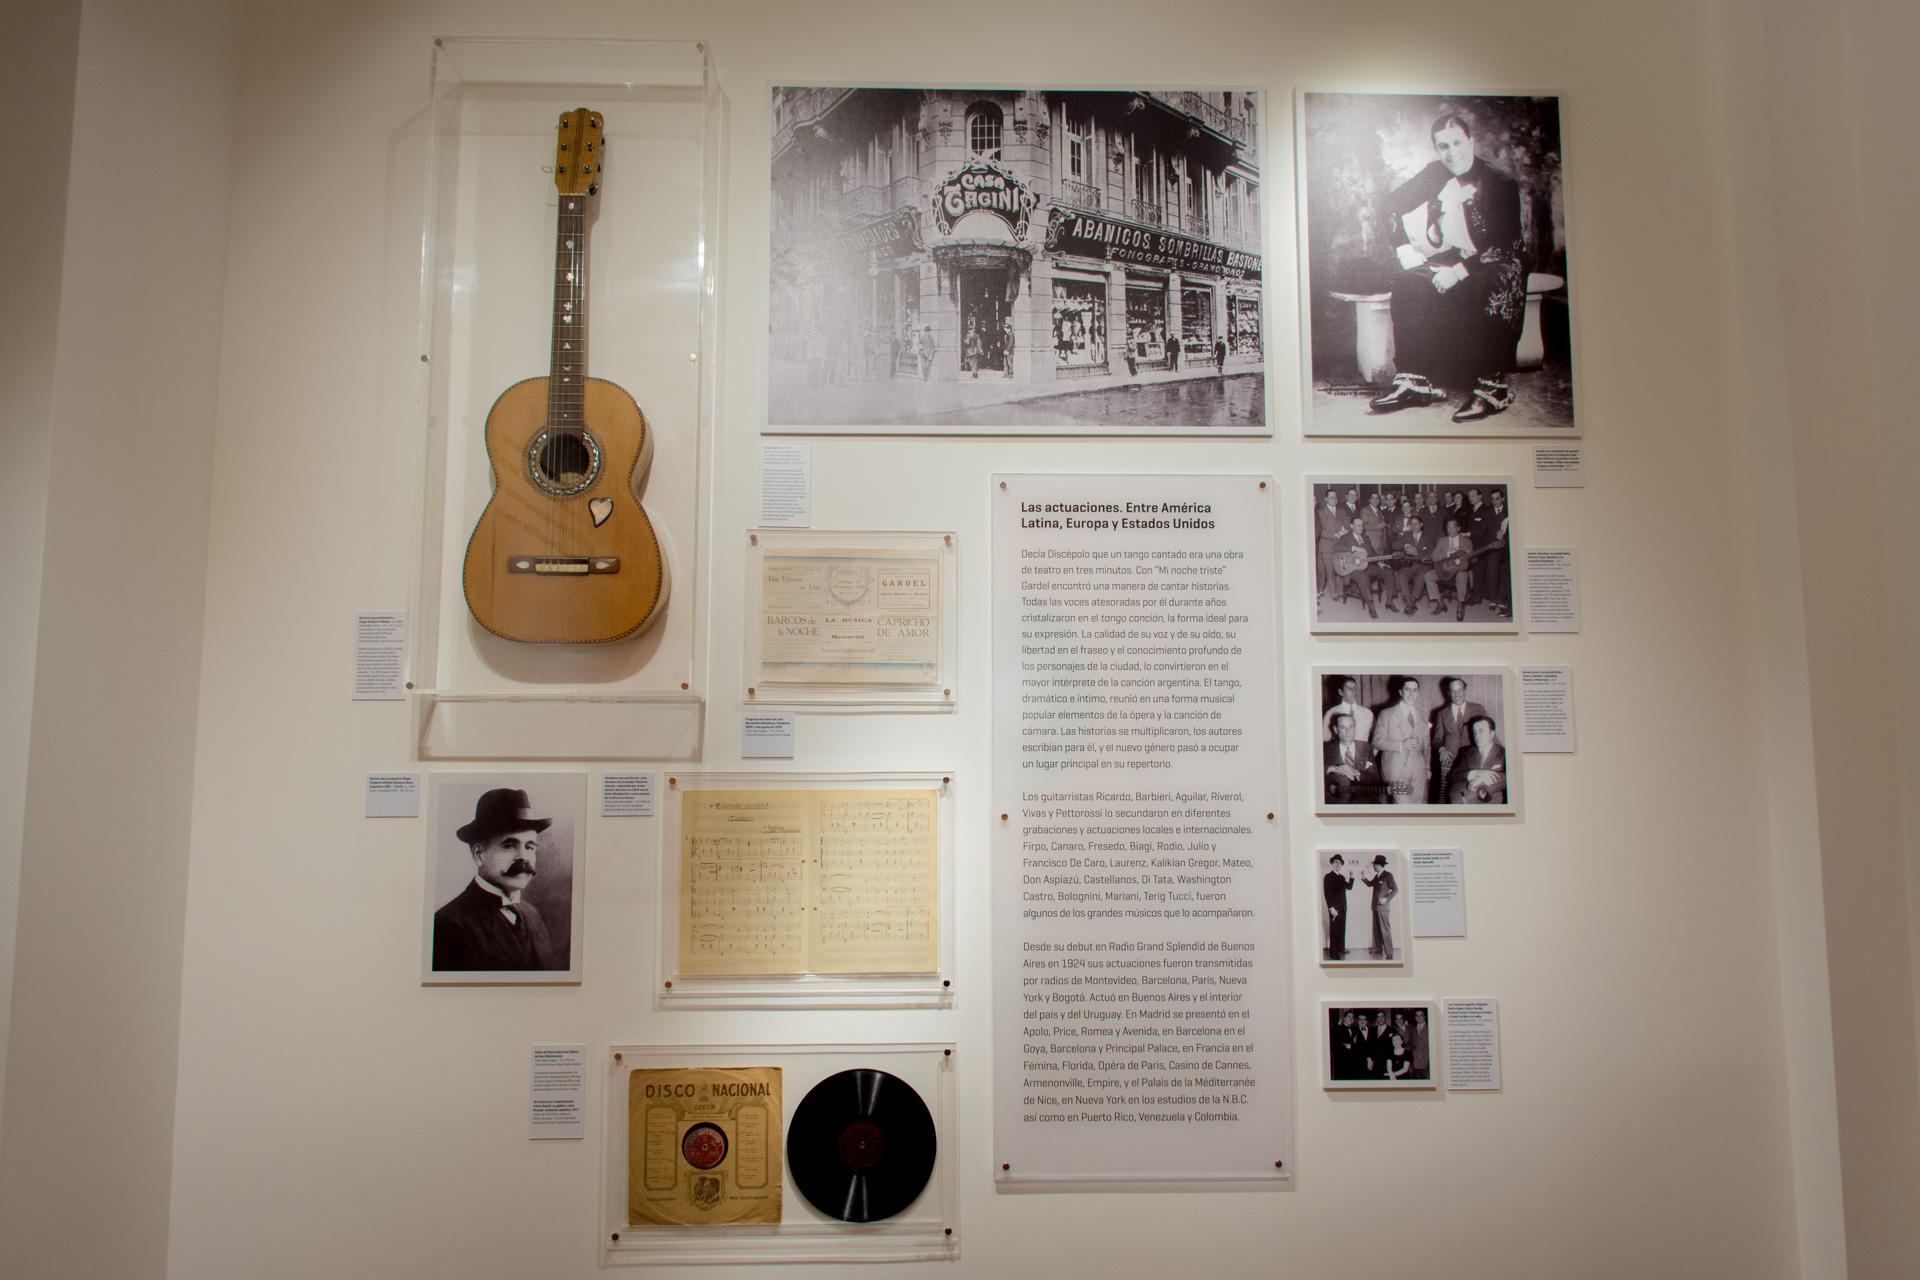 Etapa discográfica. Otra de las habitaciones del Museo Casa cuenta los primeros años de grabaciones de Gardel. (Martín Rosenzveig)